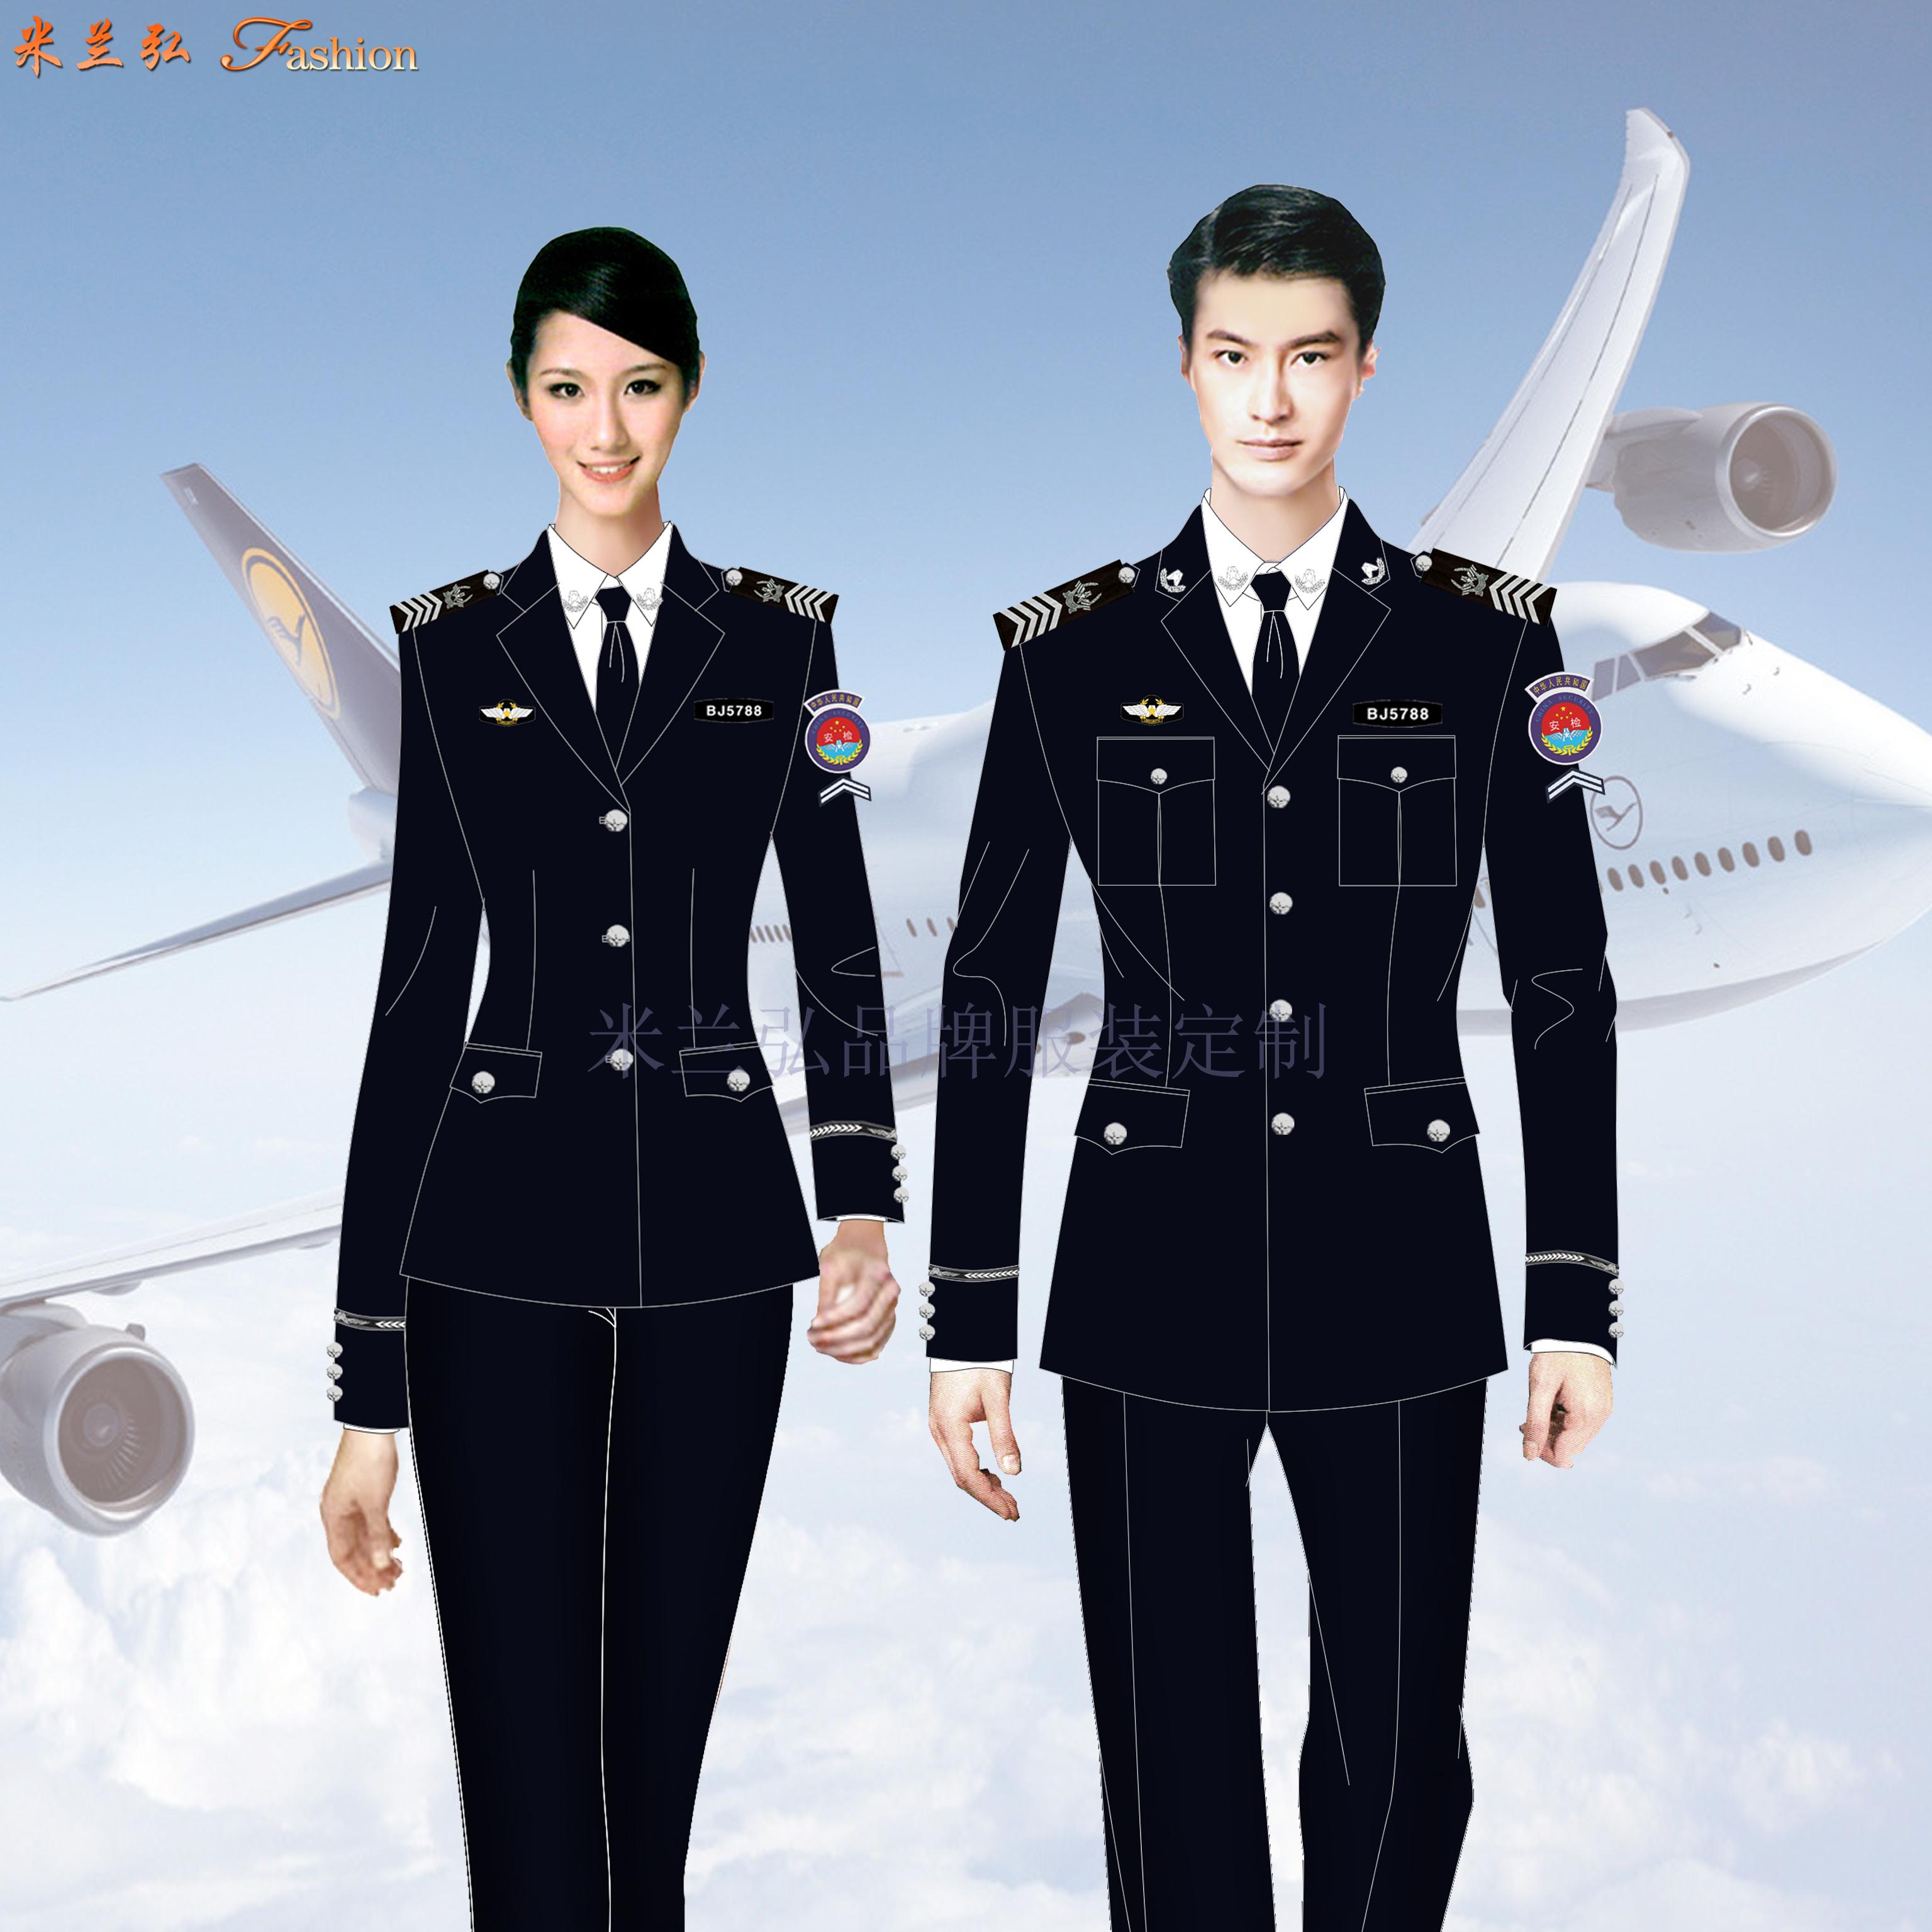 「北京地鐵新工服」北京地鐵工作服-米蘭弘服裝廠家-5